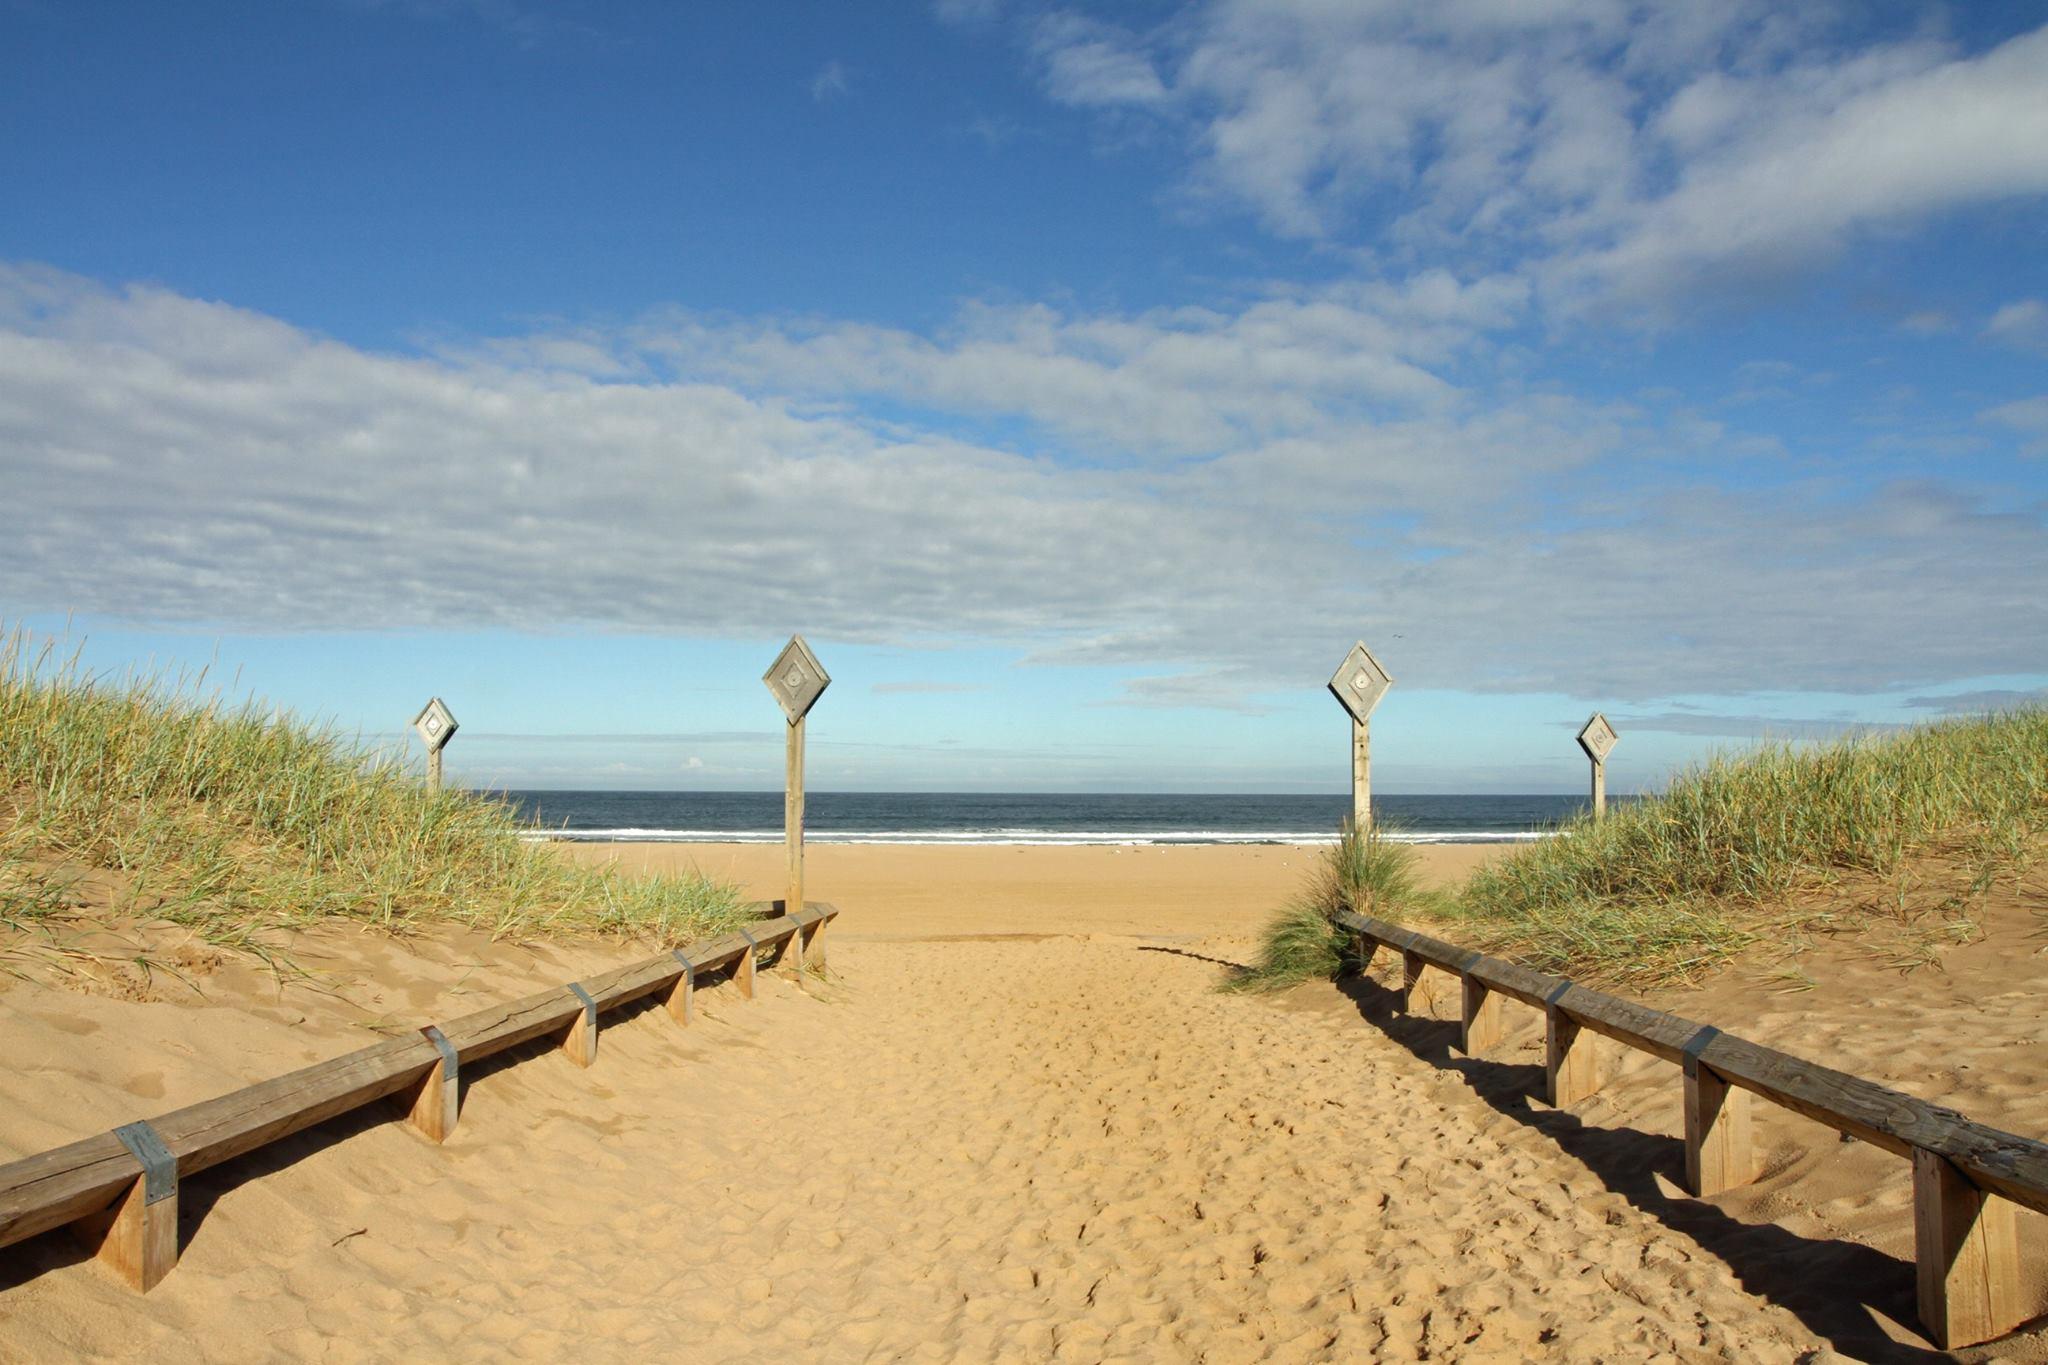 Beach at South Shields. Photo: Paul White